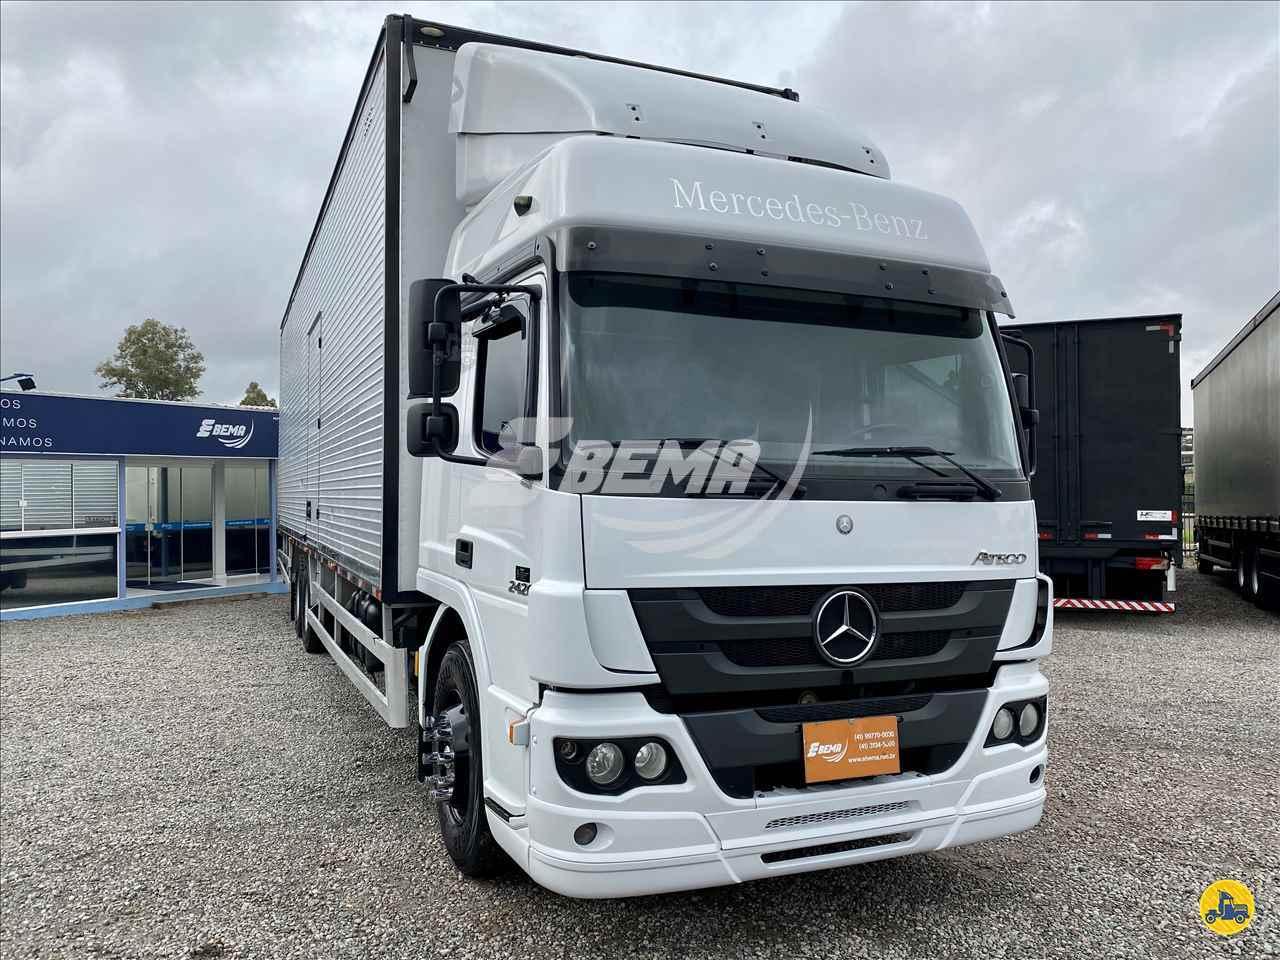 CAMINHAO MERCEDES-BENZ MB 2426 Baú Furgão Truck 6x2 EBEMA Caminhões SAO JOSE DOS PINHAIS PARANÁ PR